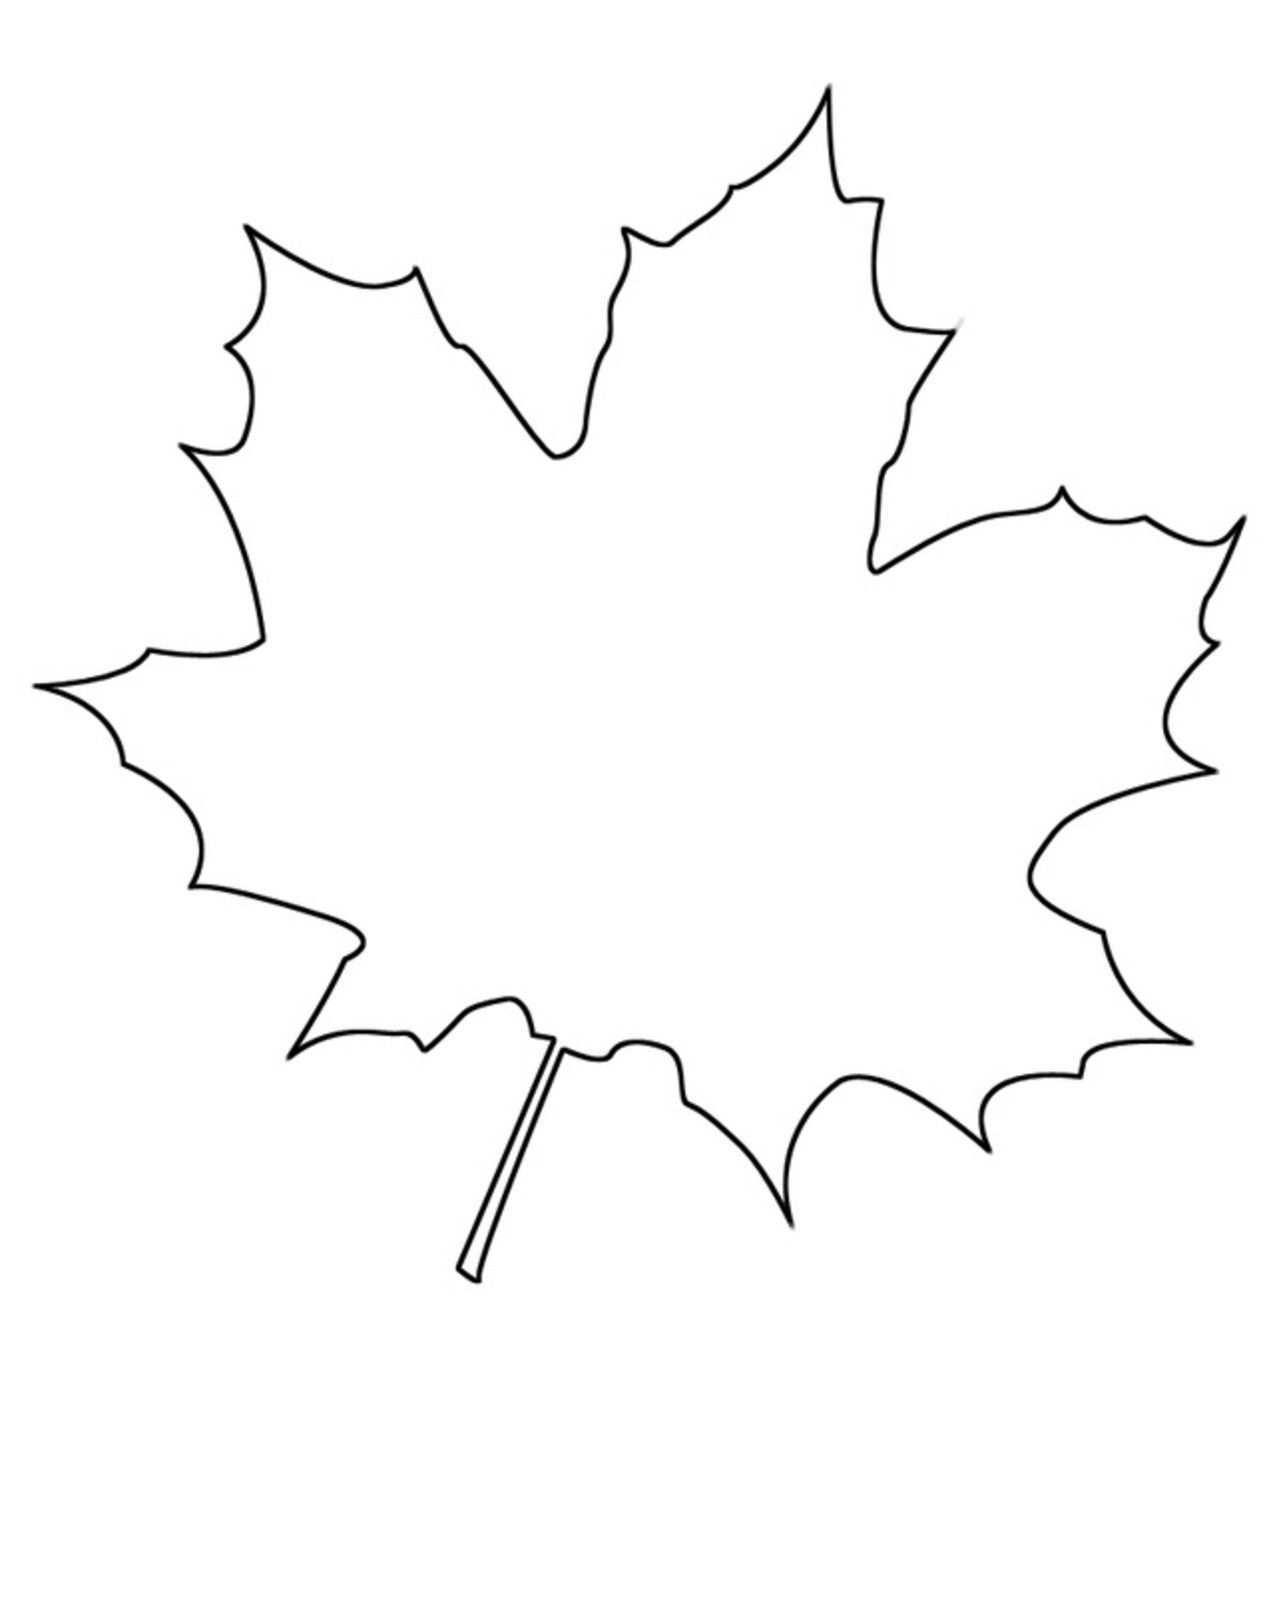 Bastelvorlagen Fur Herbst Kostenlos Ausdrucken Ideen Zur Verwendung Bastelvorlagen Fensterbilder Herbst Vorlagen Kostenlos Bastelvorlagen Zum Ausdrucken